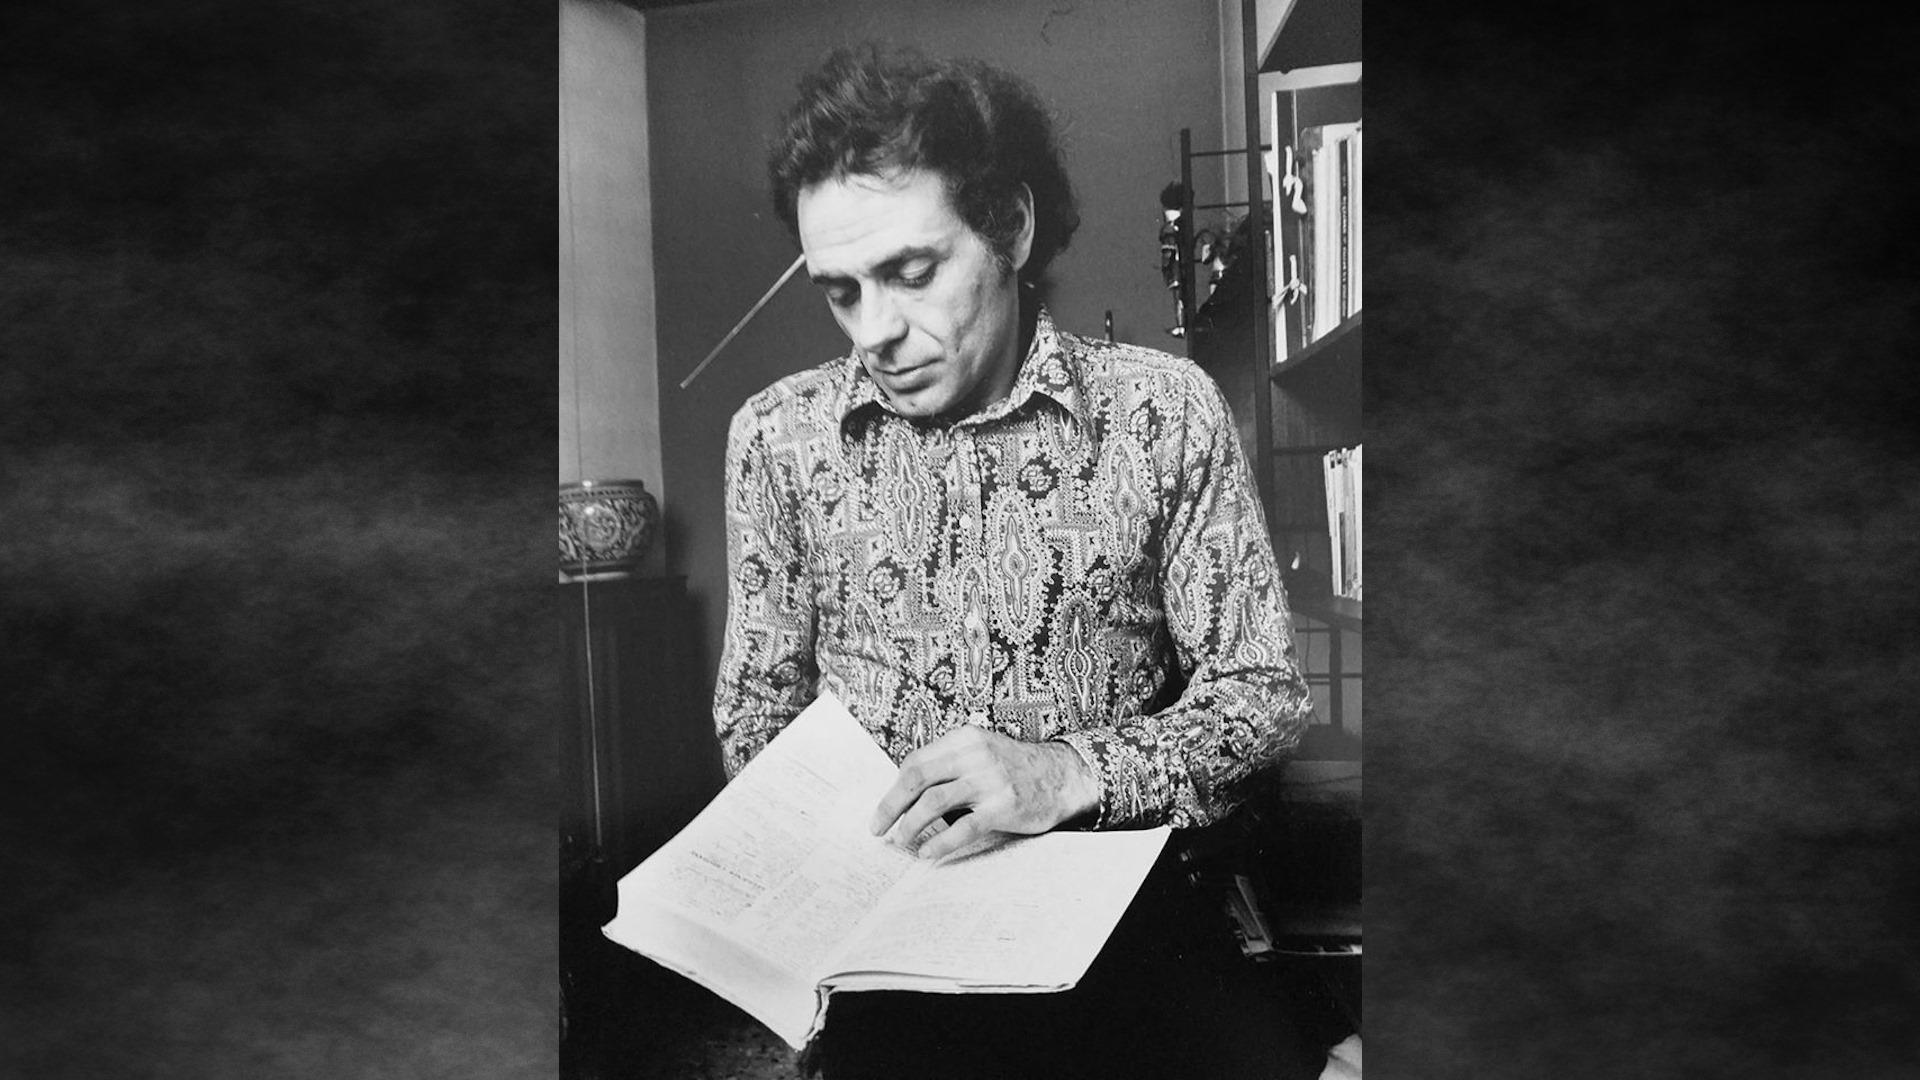 Pietro Valpreda. Memoria, passione, poesia. Ricordare tutti!